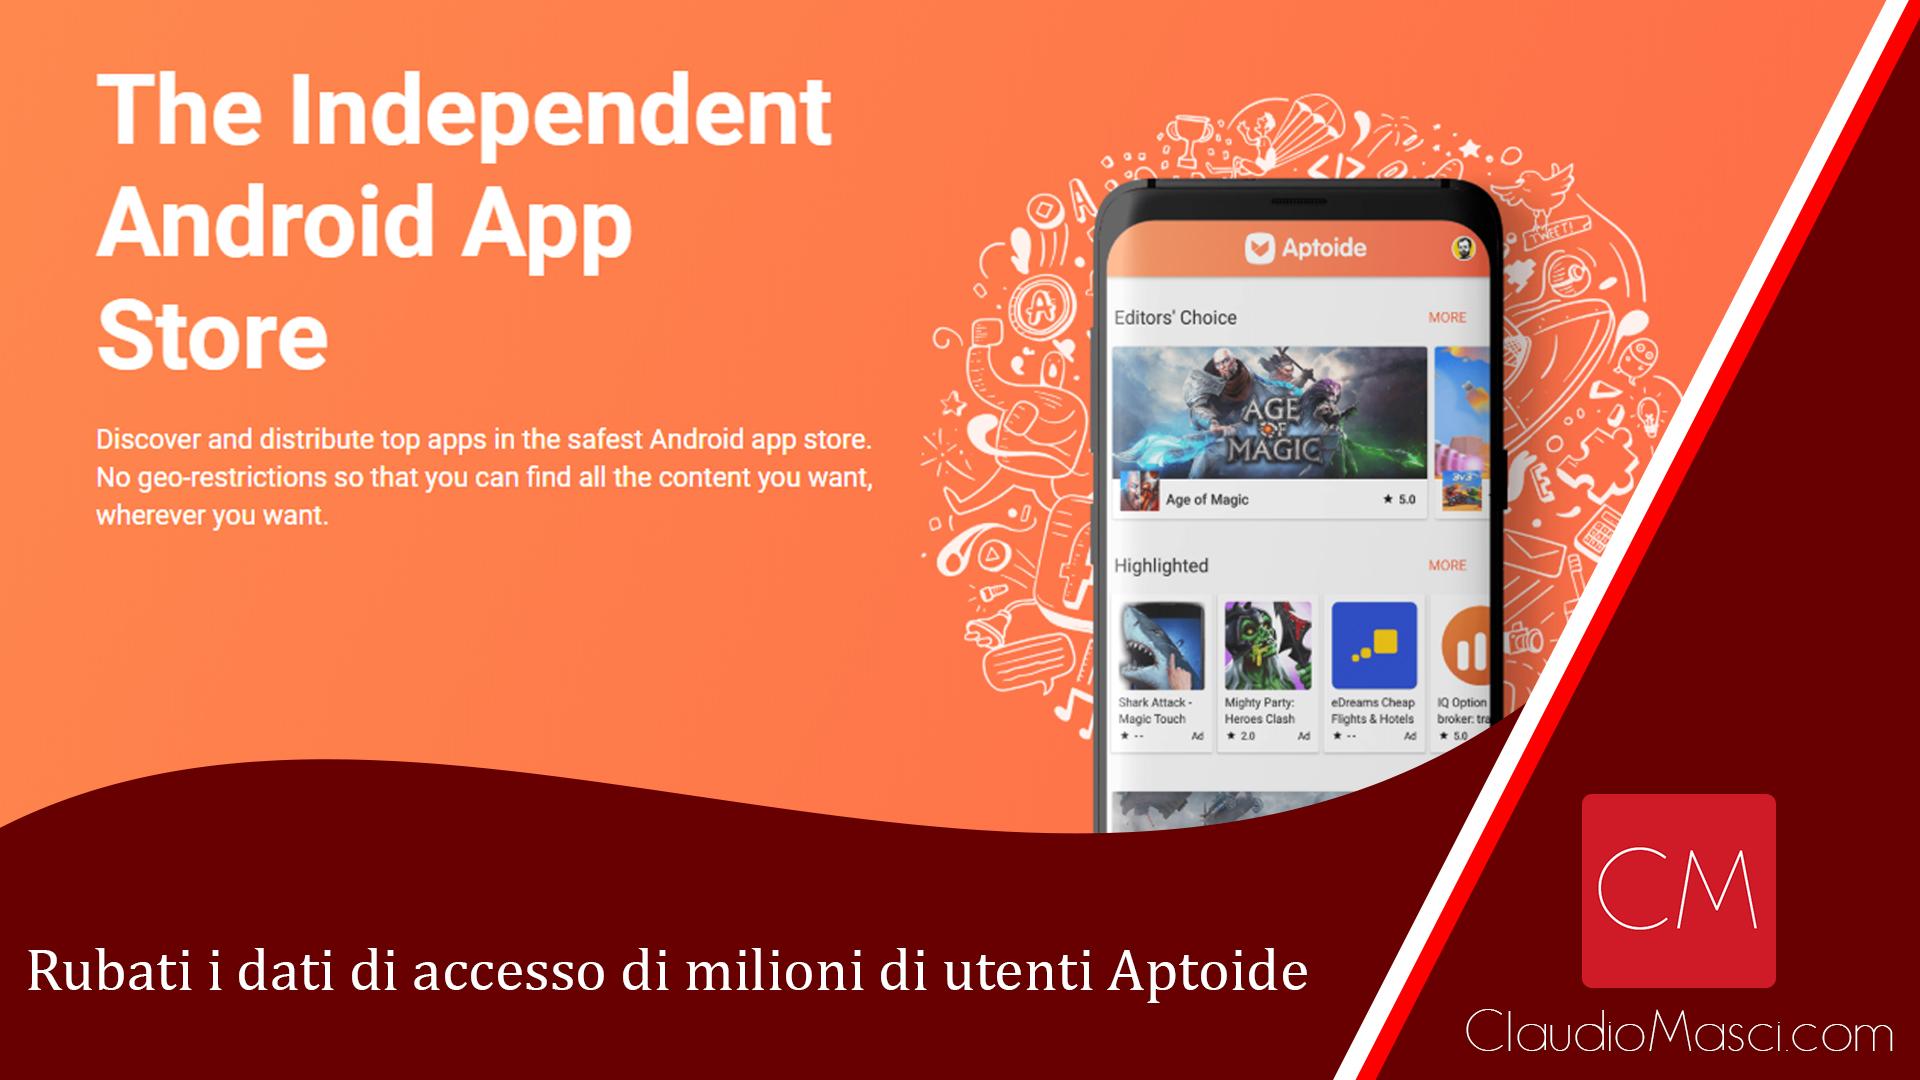 Rubati i dati di accesso di milioni di utenti Aptoide